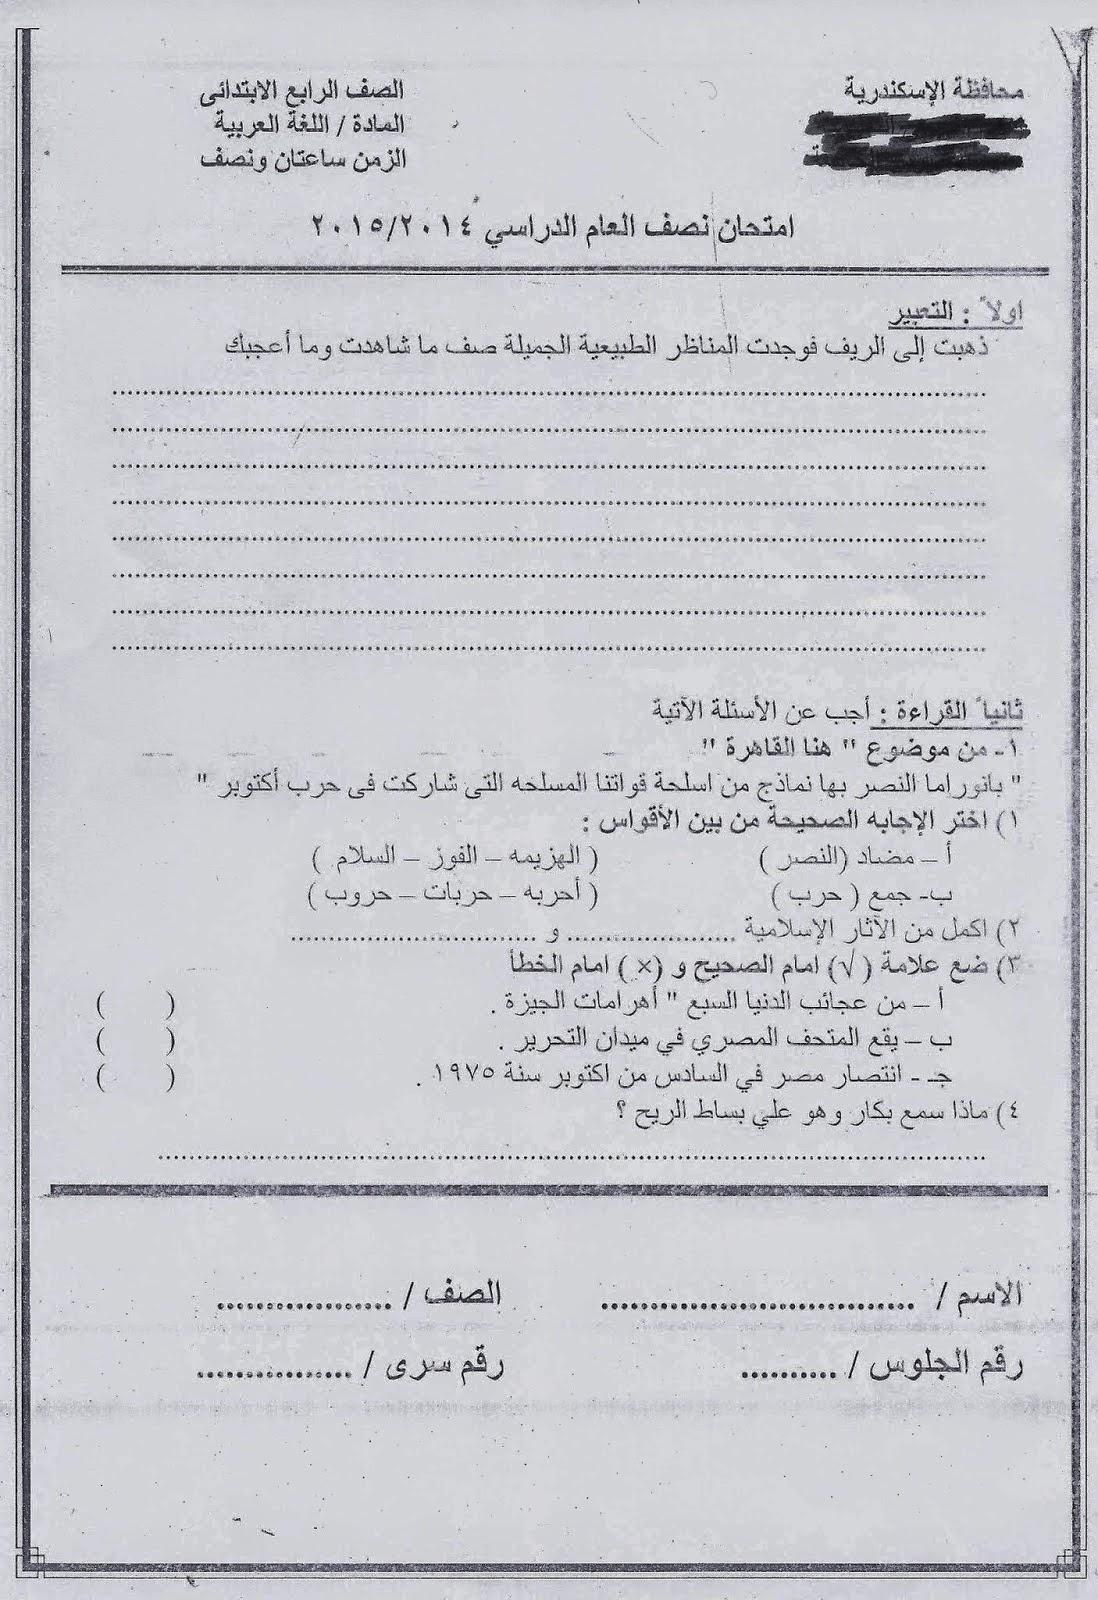 امتحانات كل مواد الصف الرابع الابتدائي الترم الأول 2015 مدارس مصر حكومى و لغات scan0084.jpg